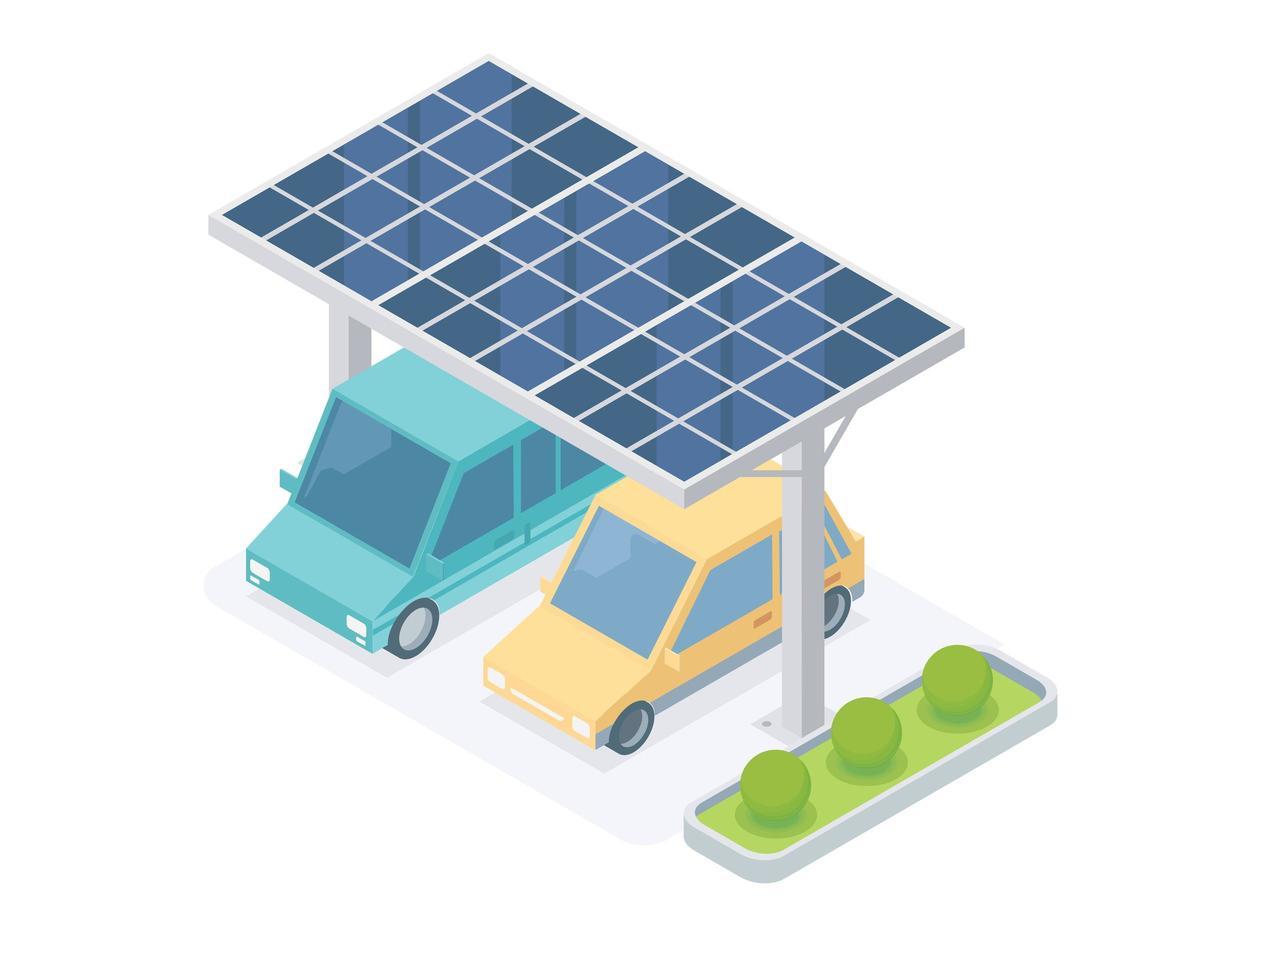 garage de voiture de cellule solaire vecteur